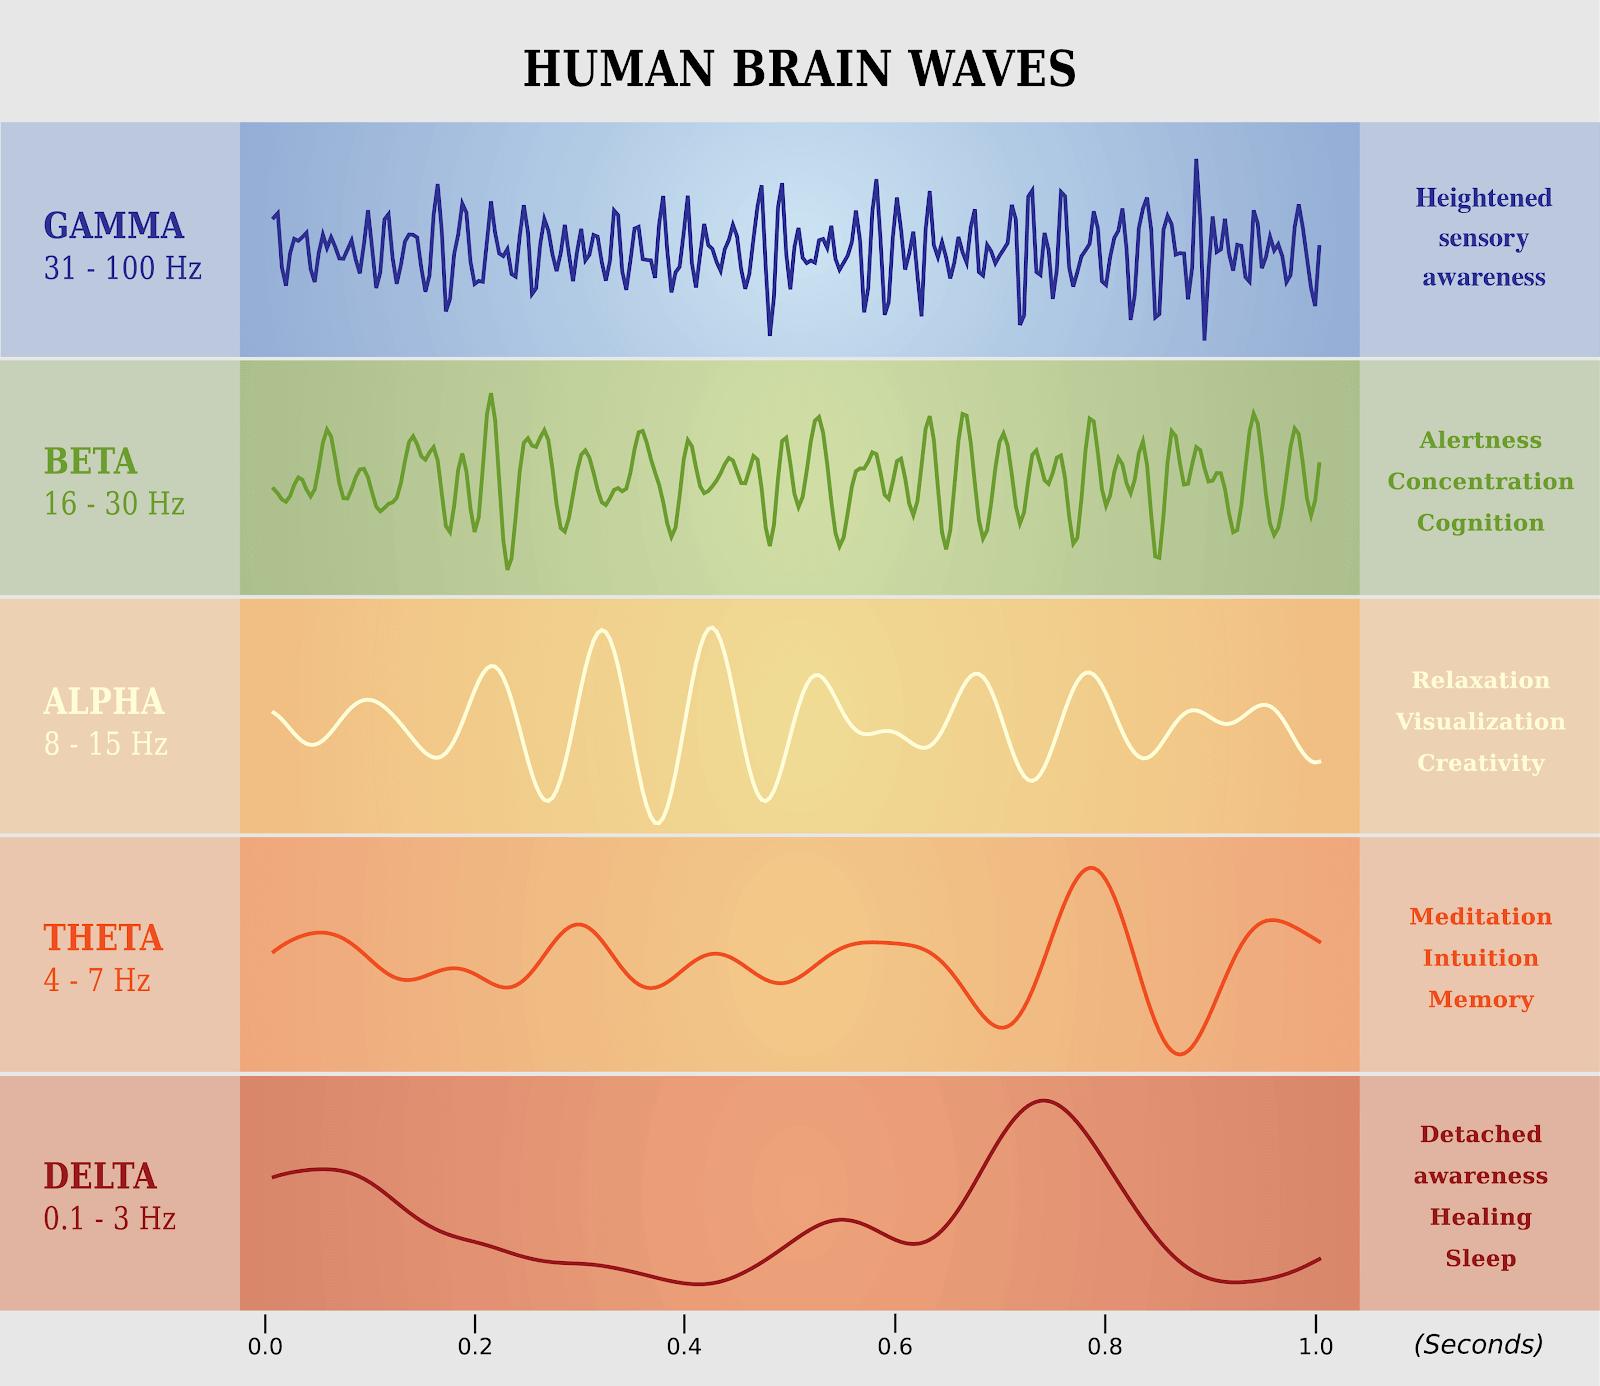 Human brain waves: Gamma (31-100 Hz), Beta (16-30 Hz), Alpha (8-15 Hz), Theta (4-7 Hz), Delta (0.1-3 Hz)